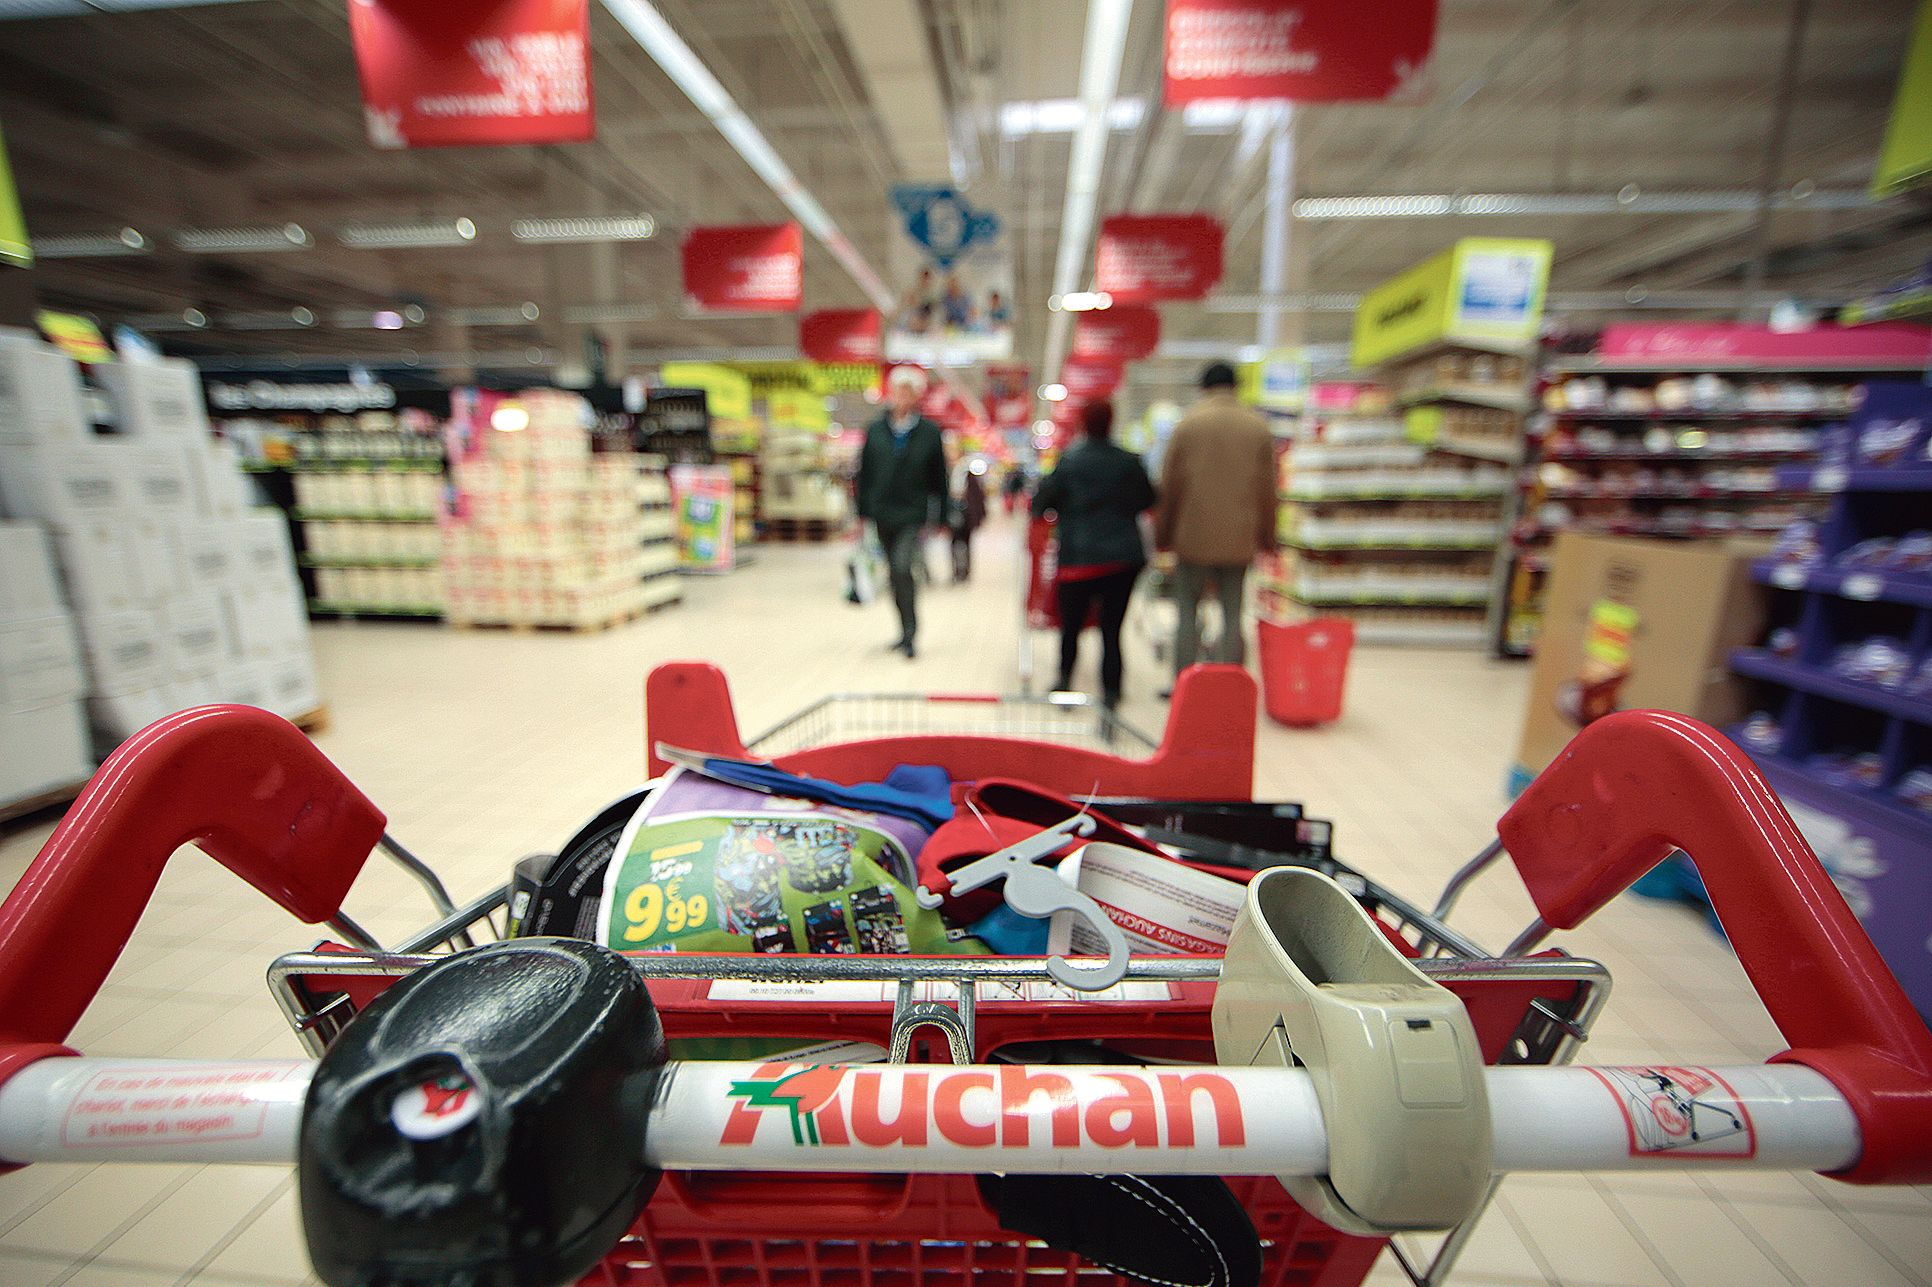 Auchan La Liste Des 21 Magasins Et Centres De Préparation Qui Vont être Mis En Vente